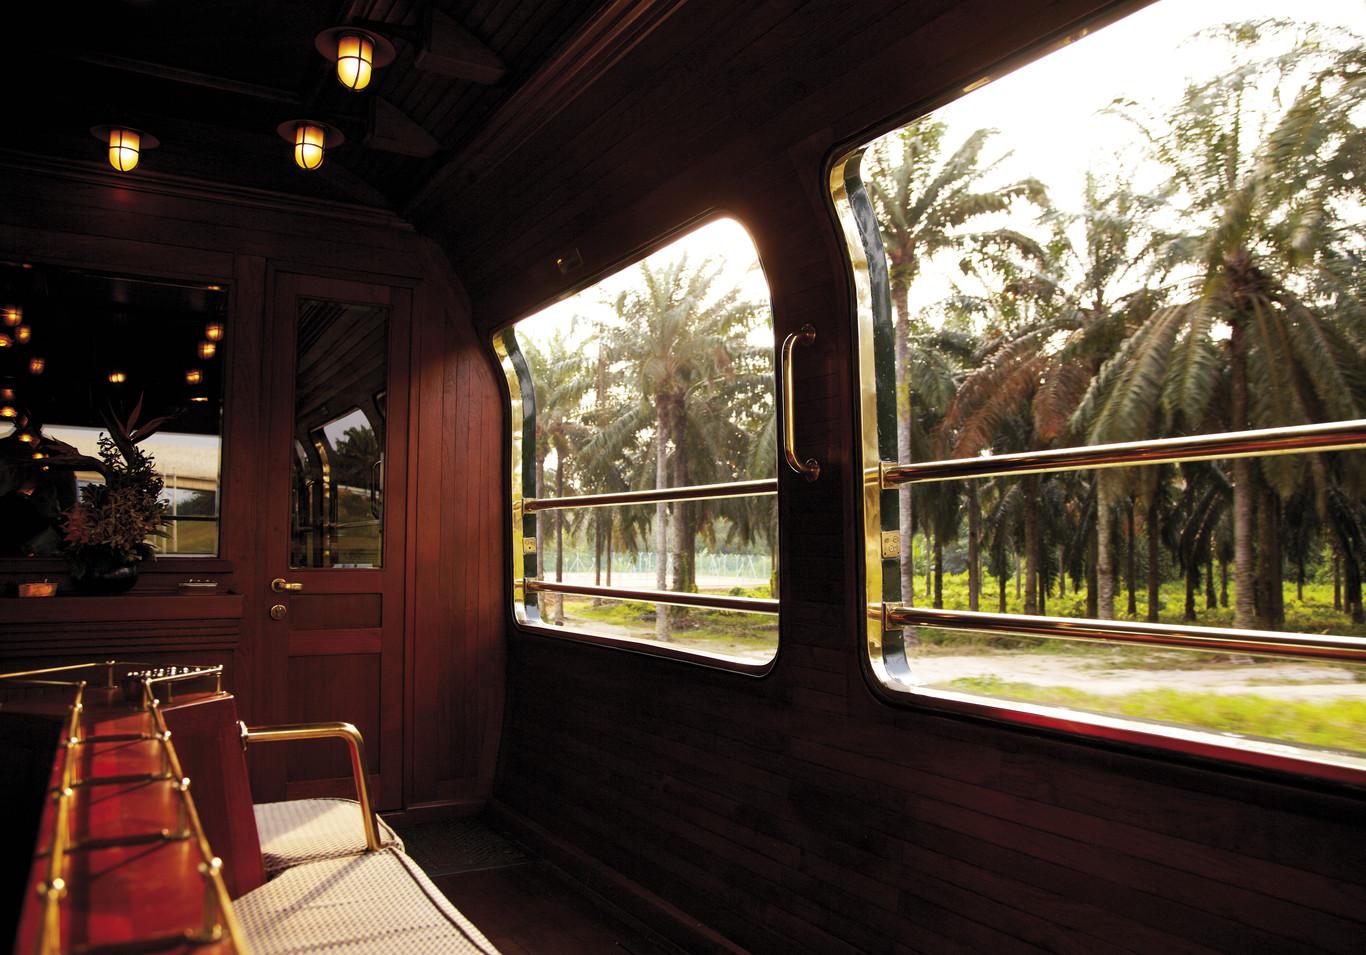 h tels de luxe voyages en train et croisi res fluviales belmond d couvrez les voyages de luxe. Black Bedroom Furniture Sets. Home Design Ideas